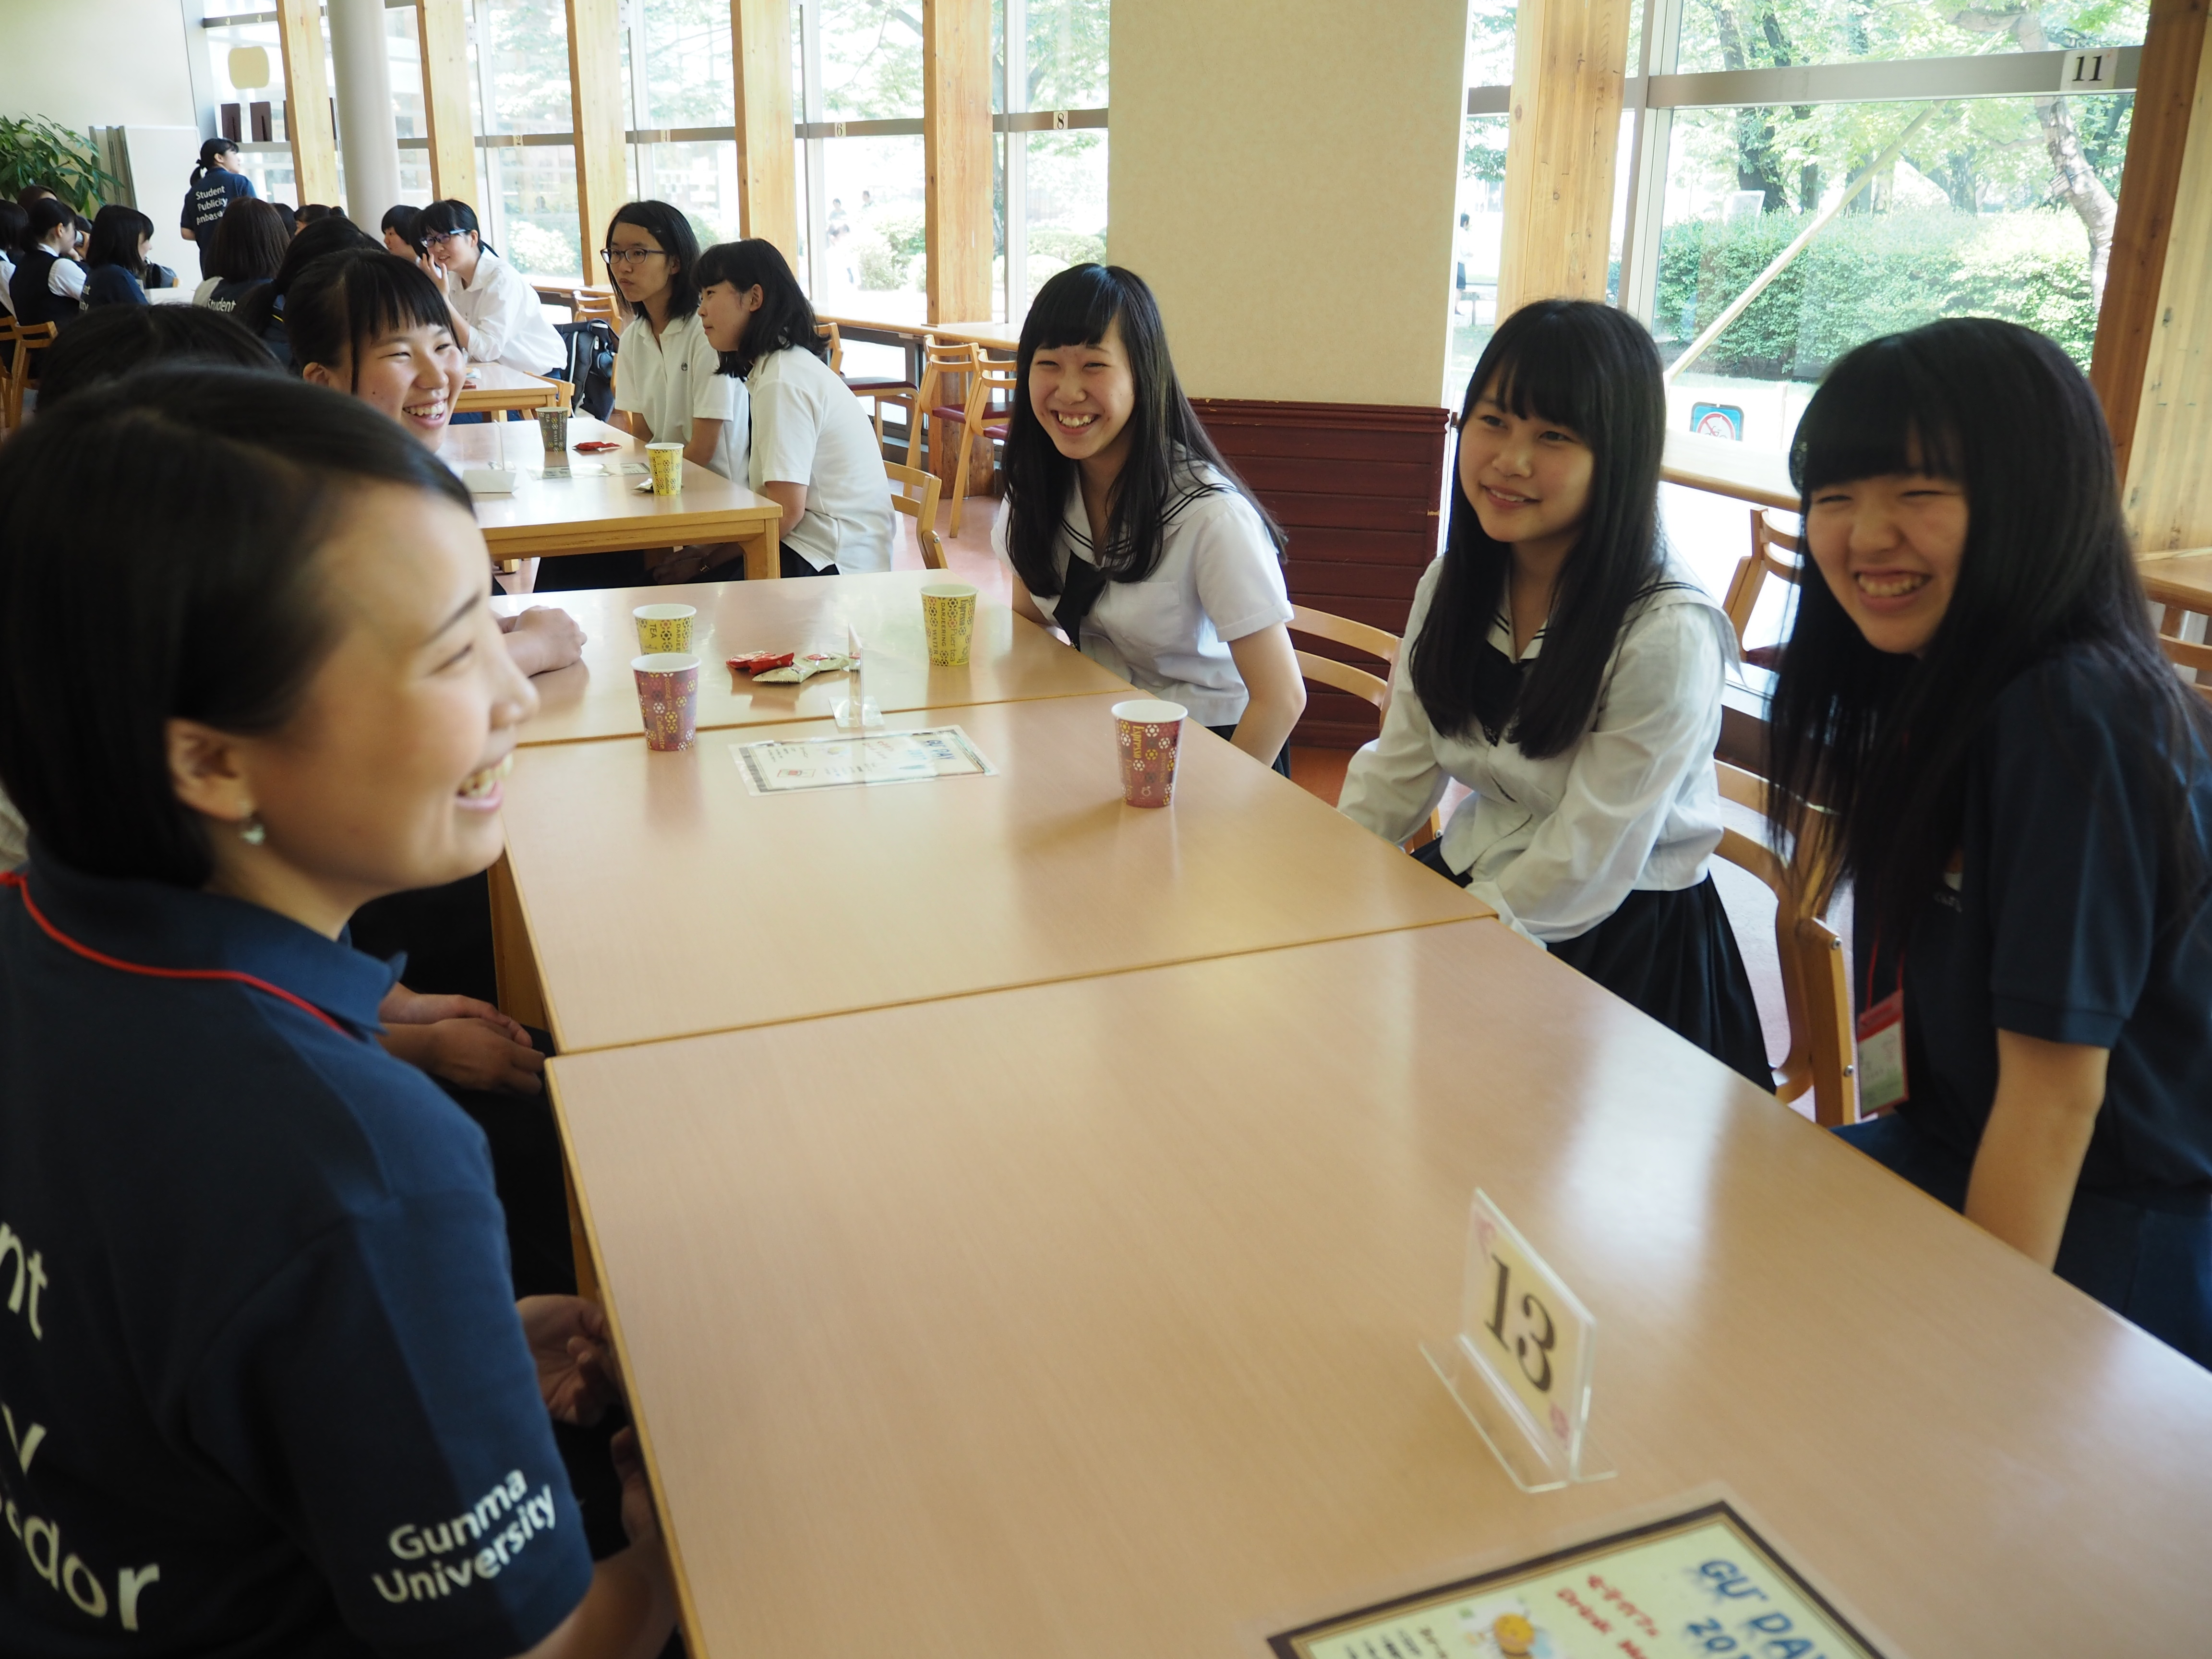 群馬大学1日体験デー「GU'DAY 2017」で活躍する学生広報大使